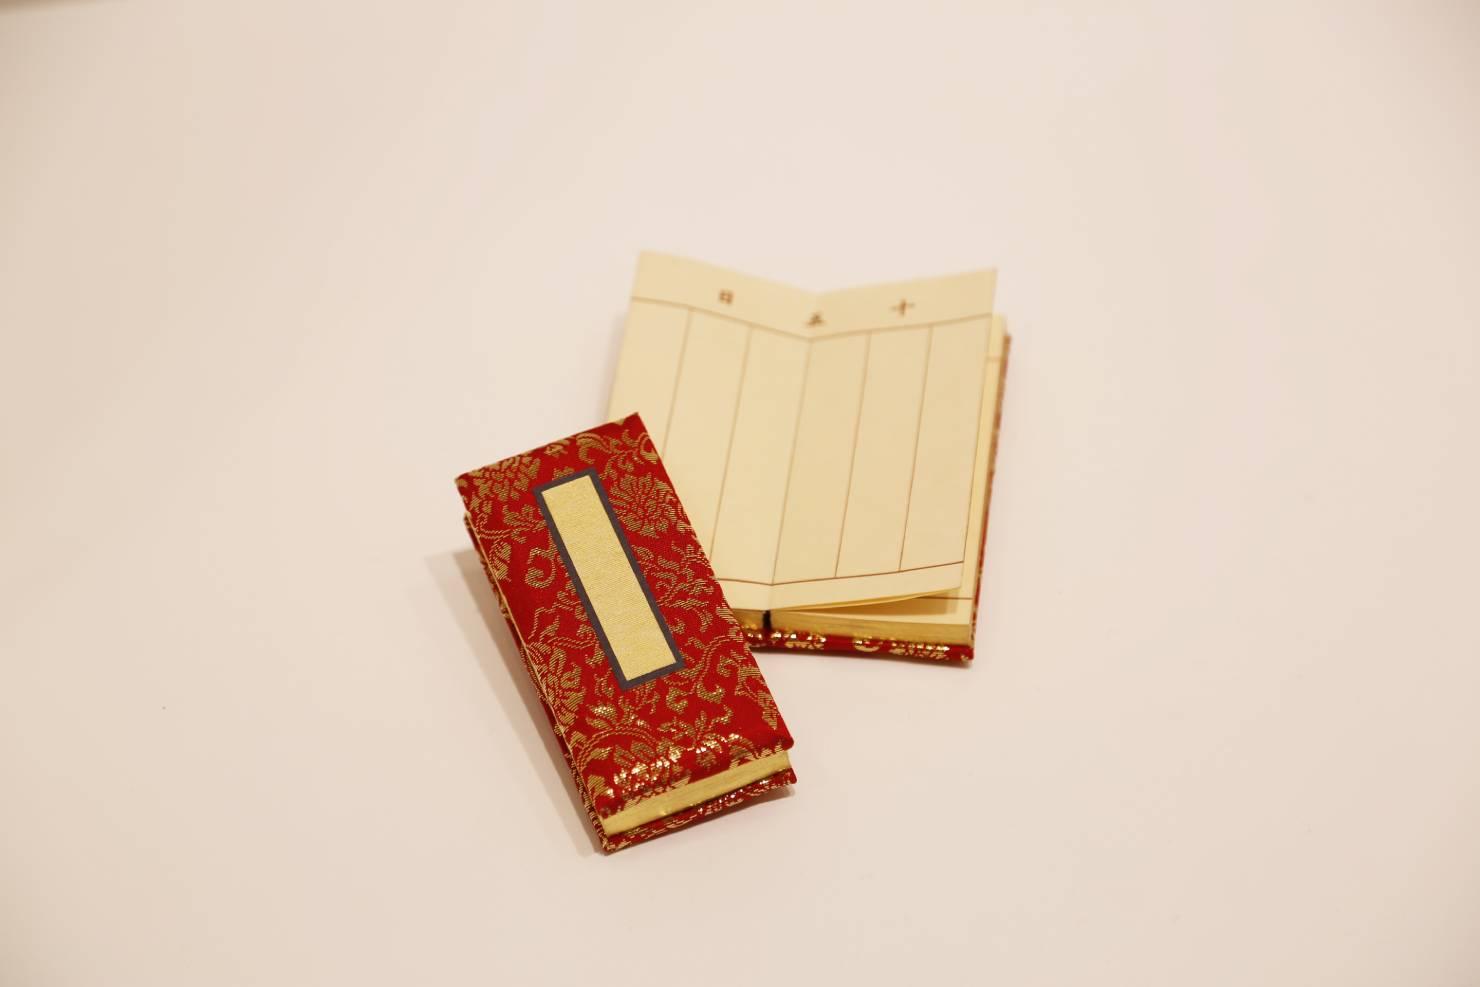 浄土真宗ではお位牌は作りませんが亡くなった方の記録を残すために過去帳を用意します